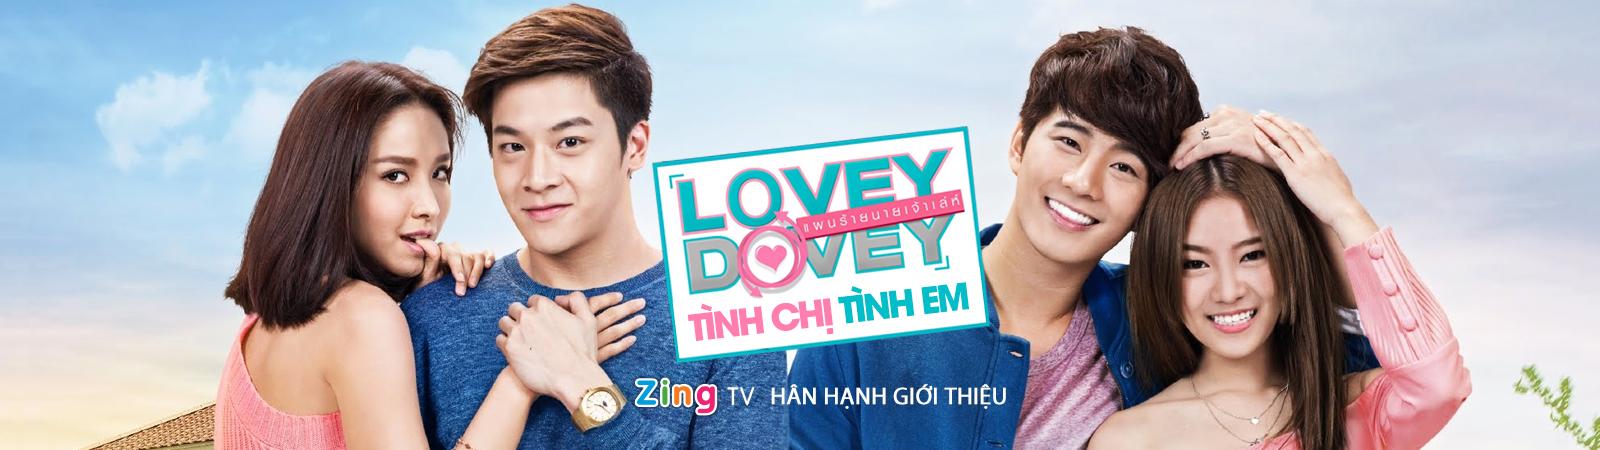 Tập 9 - Lovey Dovey - Tình Chị Tình Em